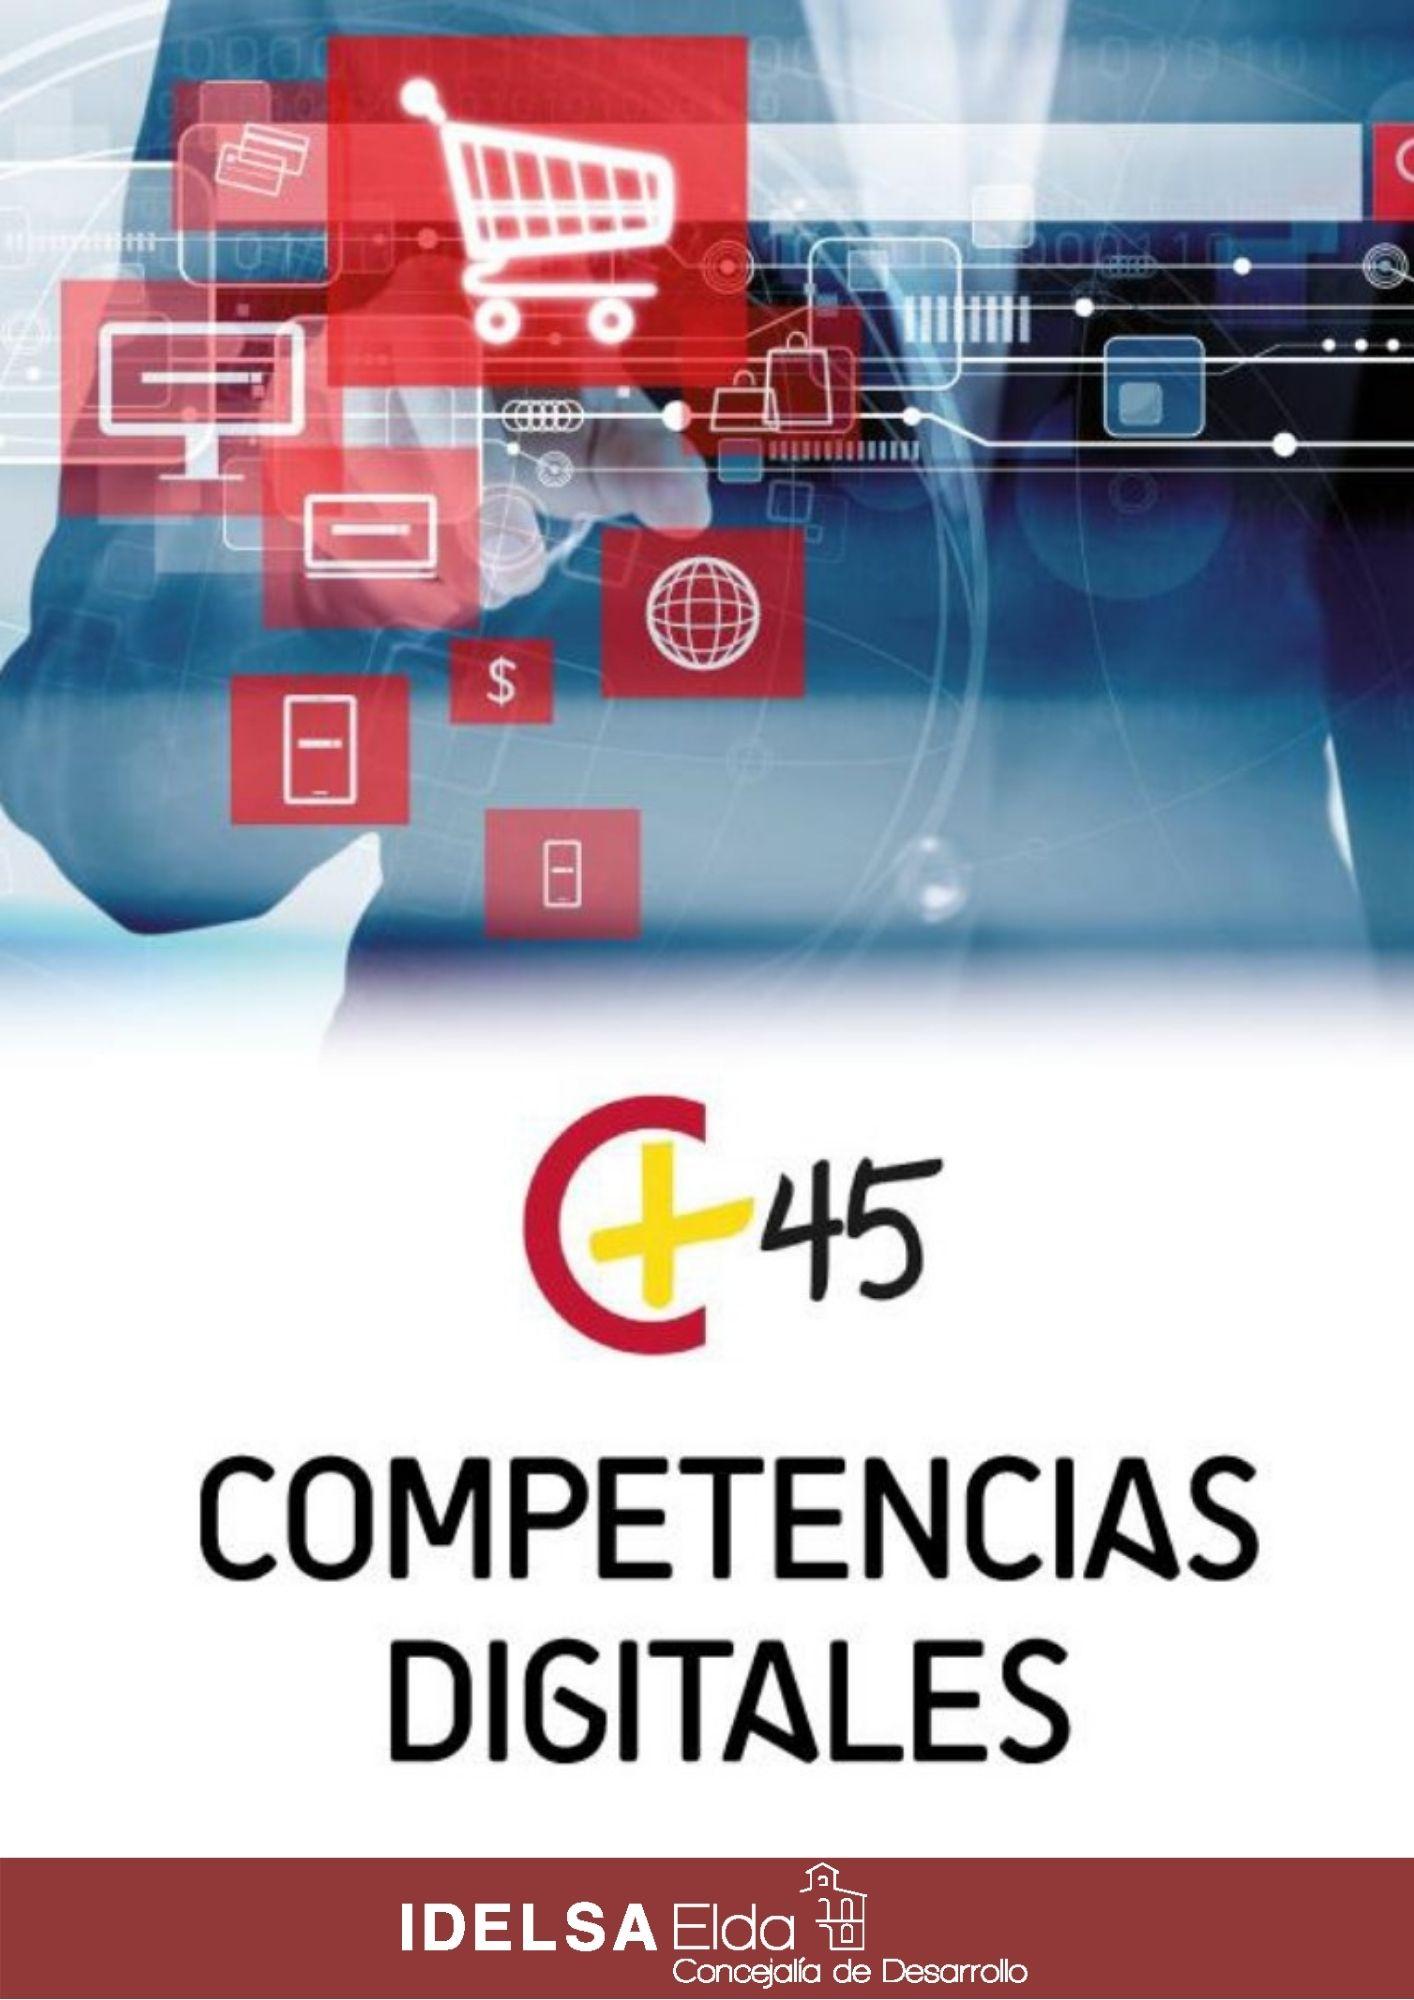 Idelsa ofrece un curso para aumentar las competencias digitales básicas dirigido a personas desempleadas mayores de 45 años